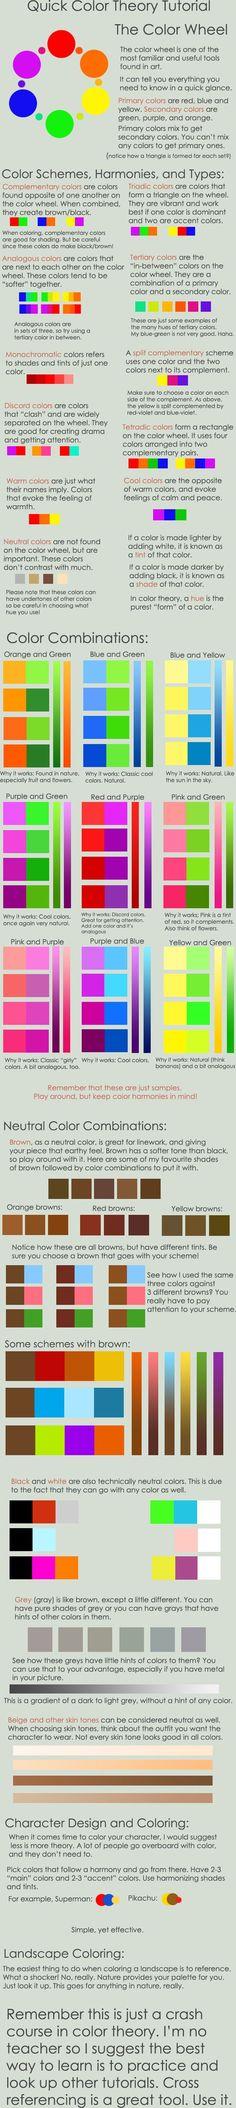 La teoría del color, simple guia para aprender a combinar colores. #infografia: